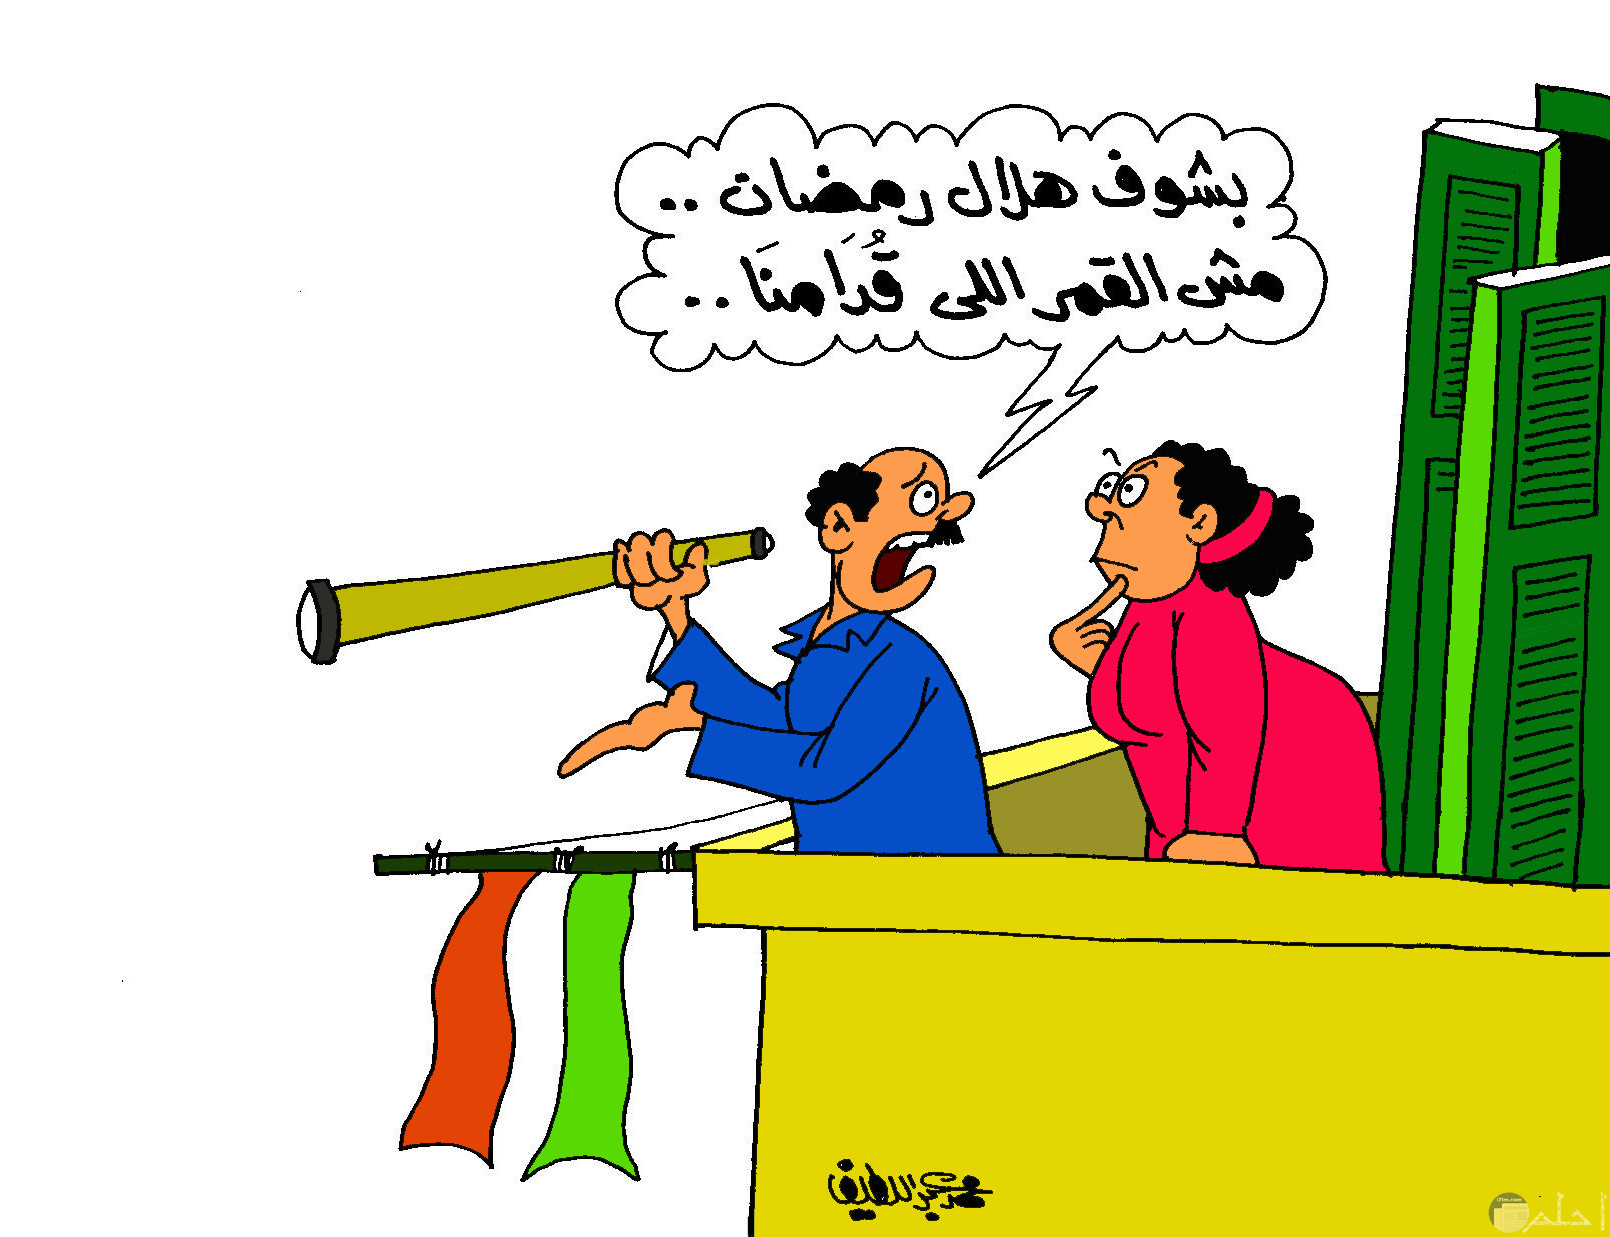 بشوف هلال رمضان مش القمر اللي قدامي